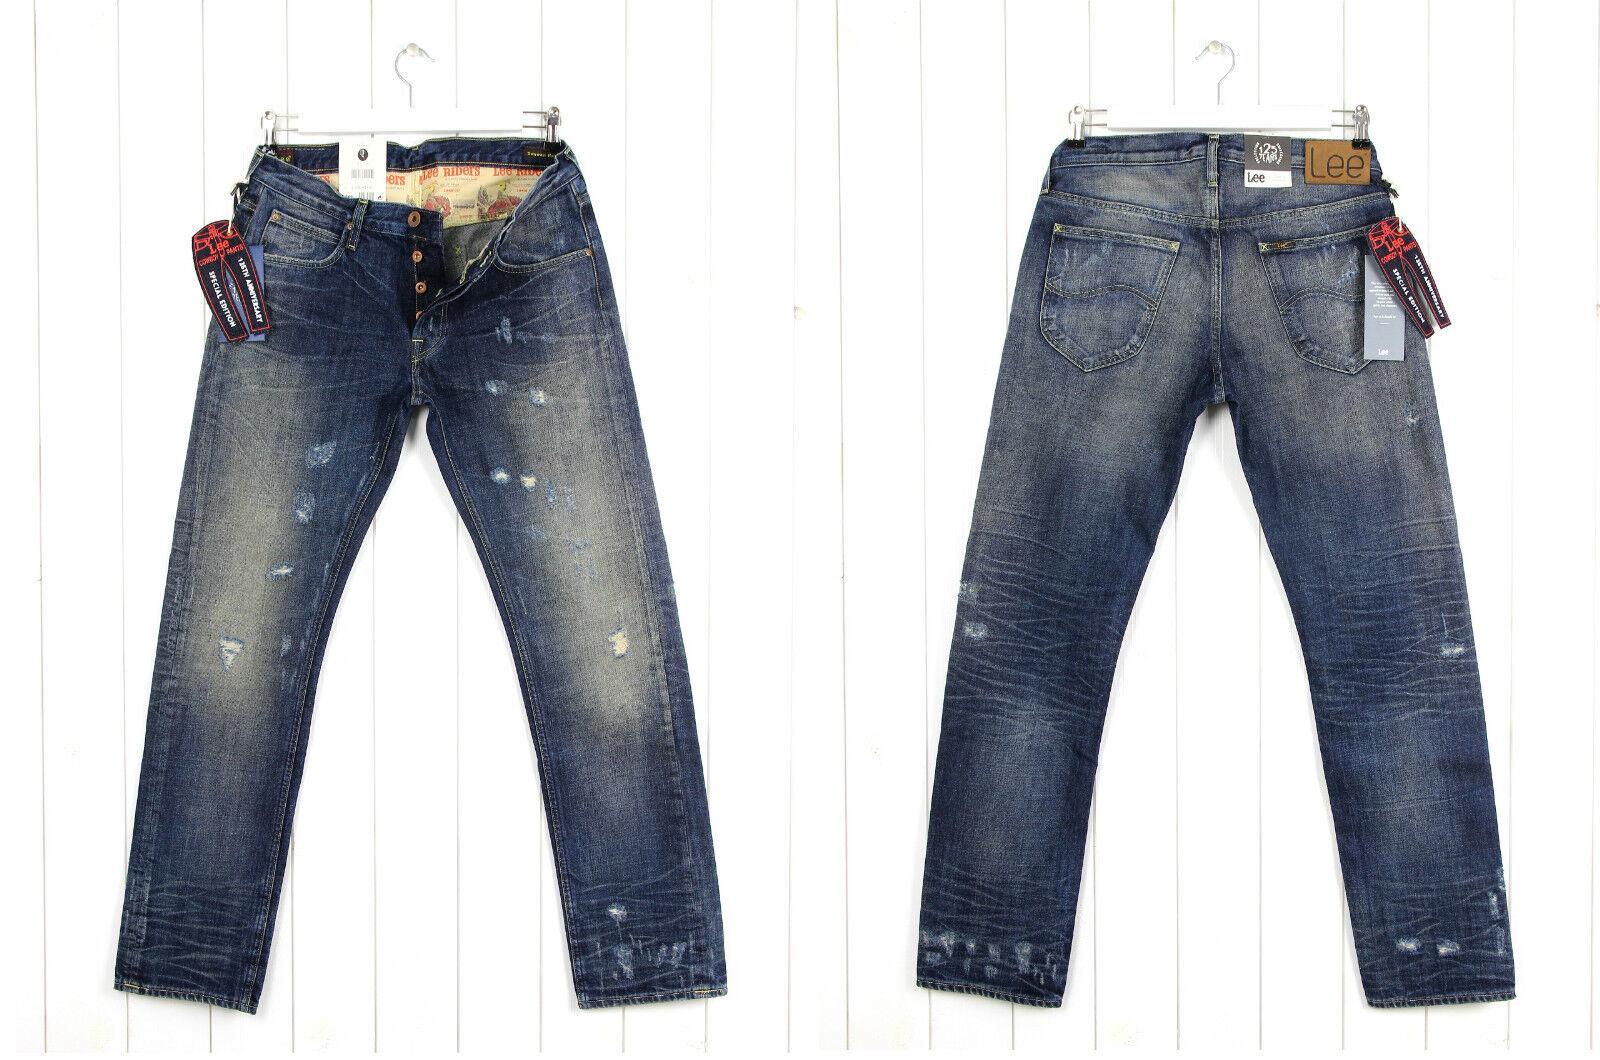 Neu Lee X Donwan Harrel Prps Daren Getönt Jeans Regulär Enge Passform 101